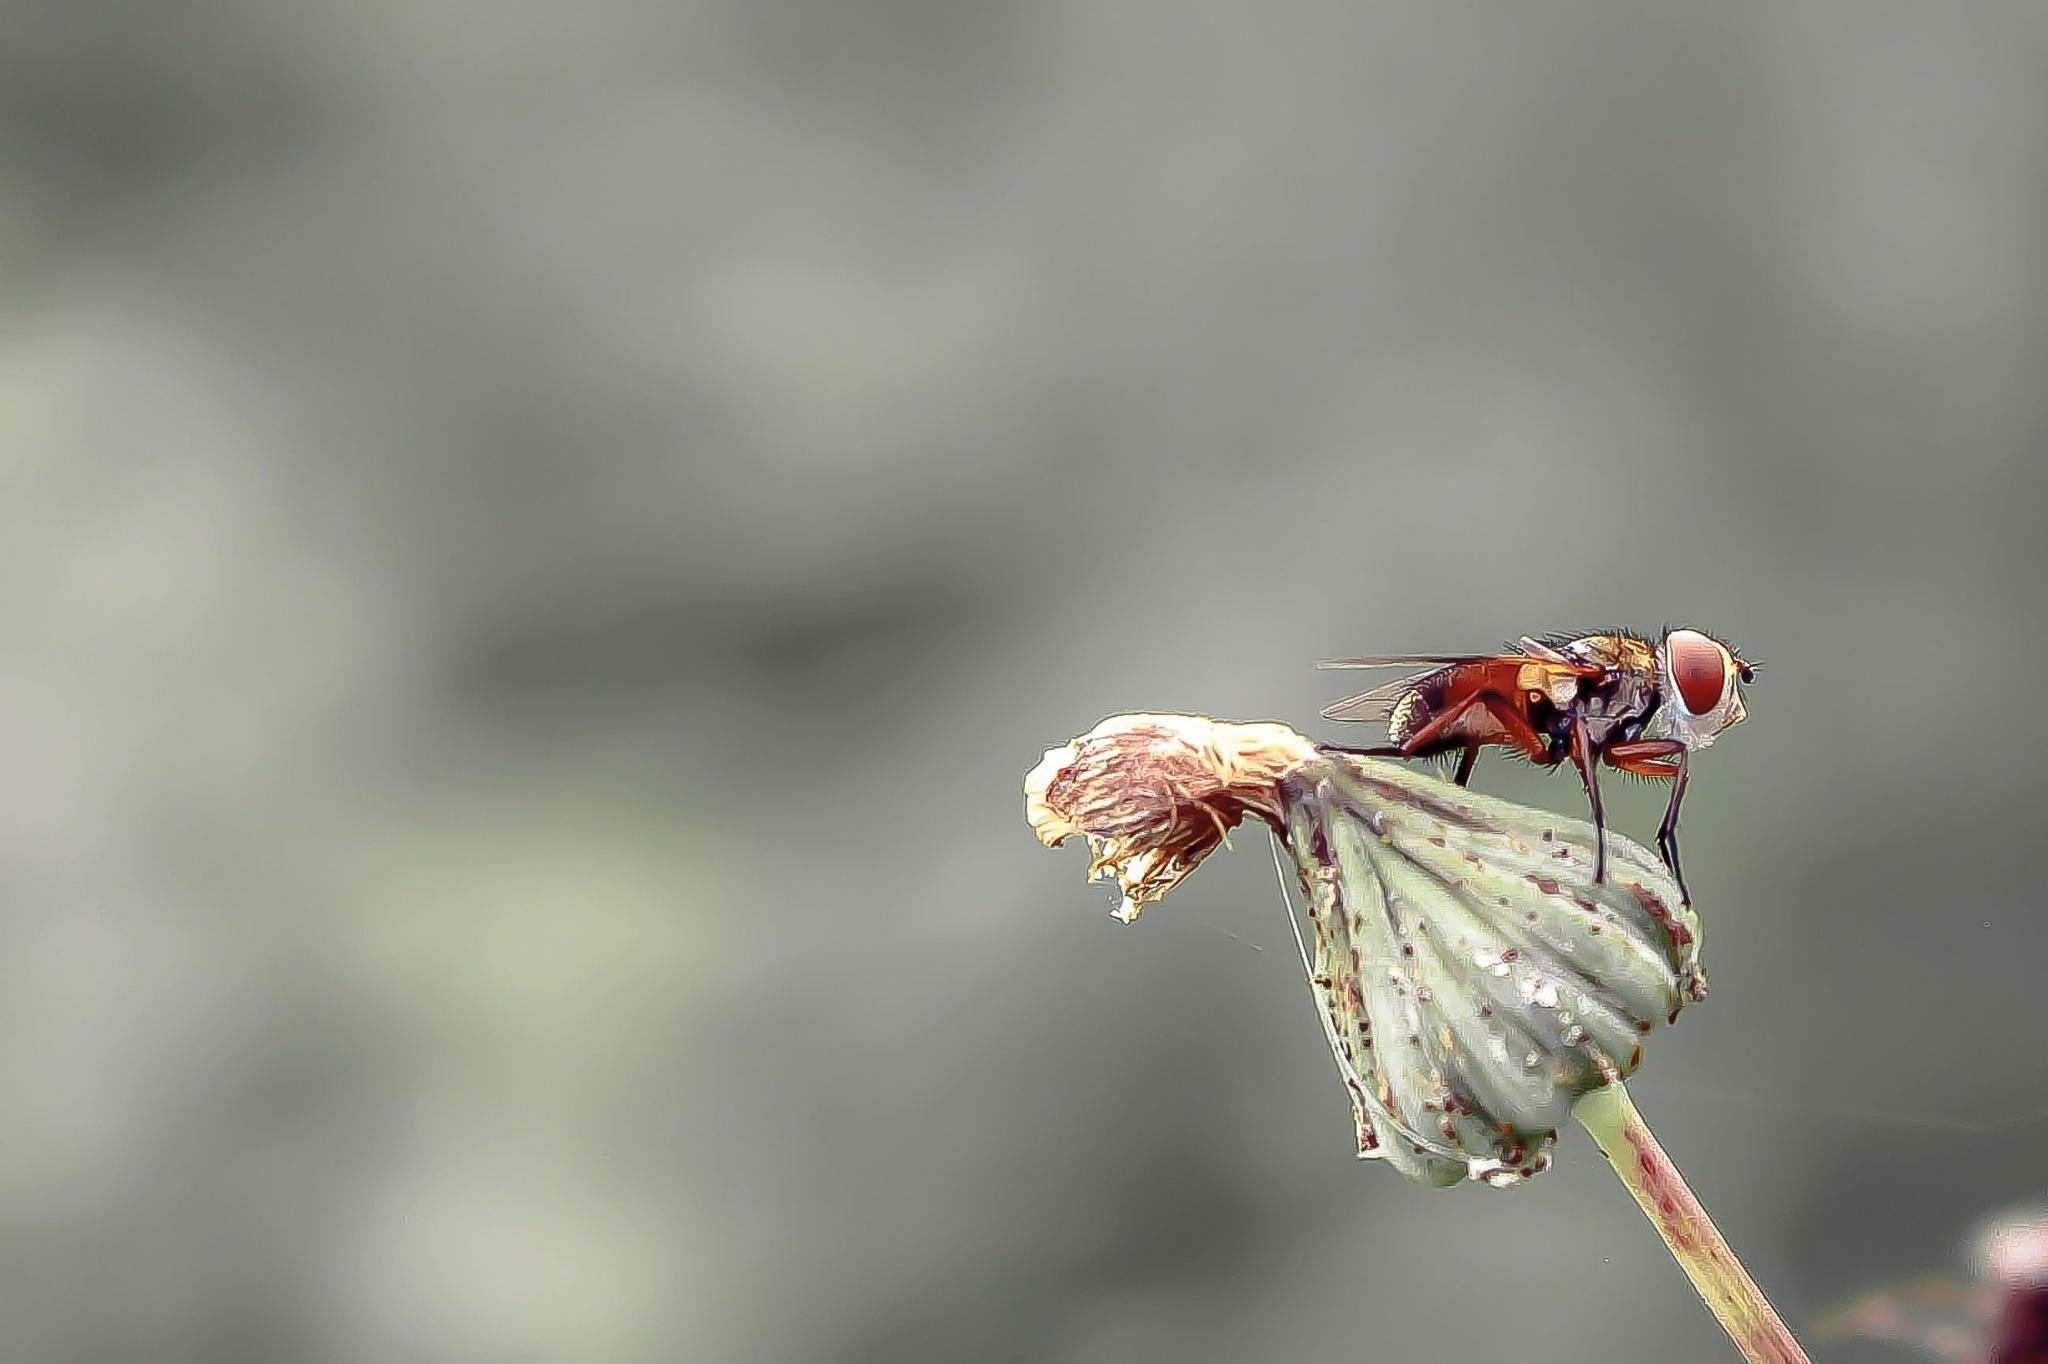 the fly by Cesare Vatrano